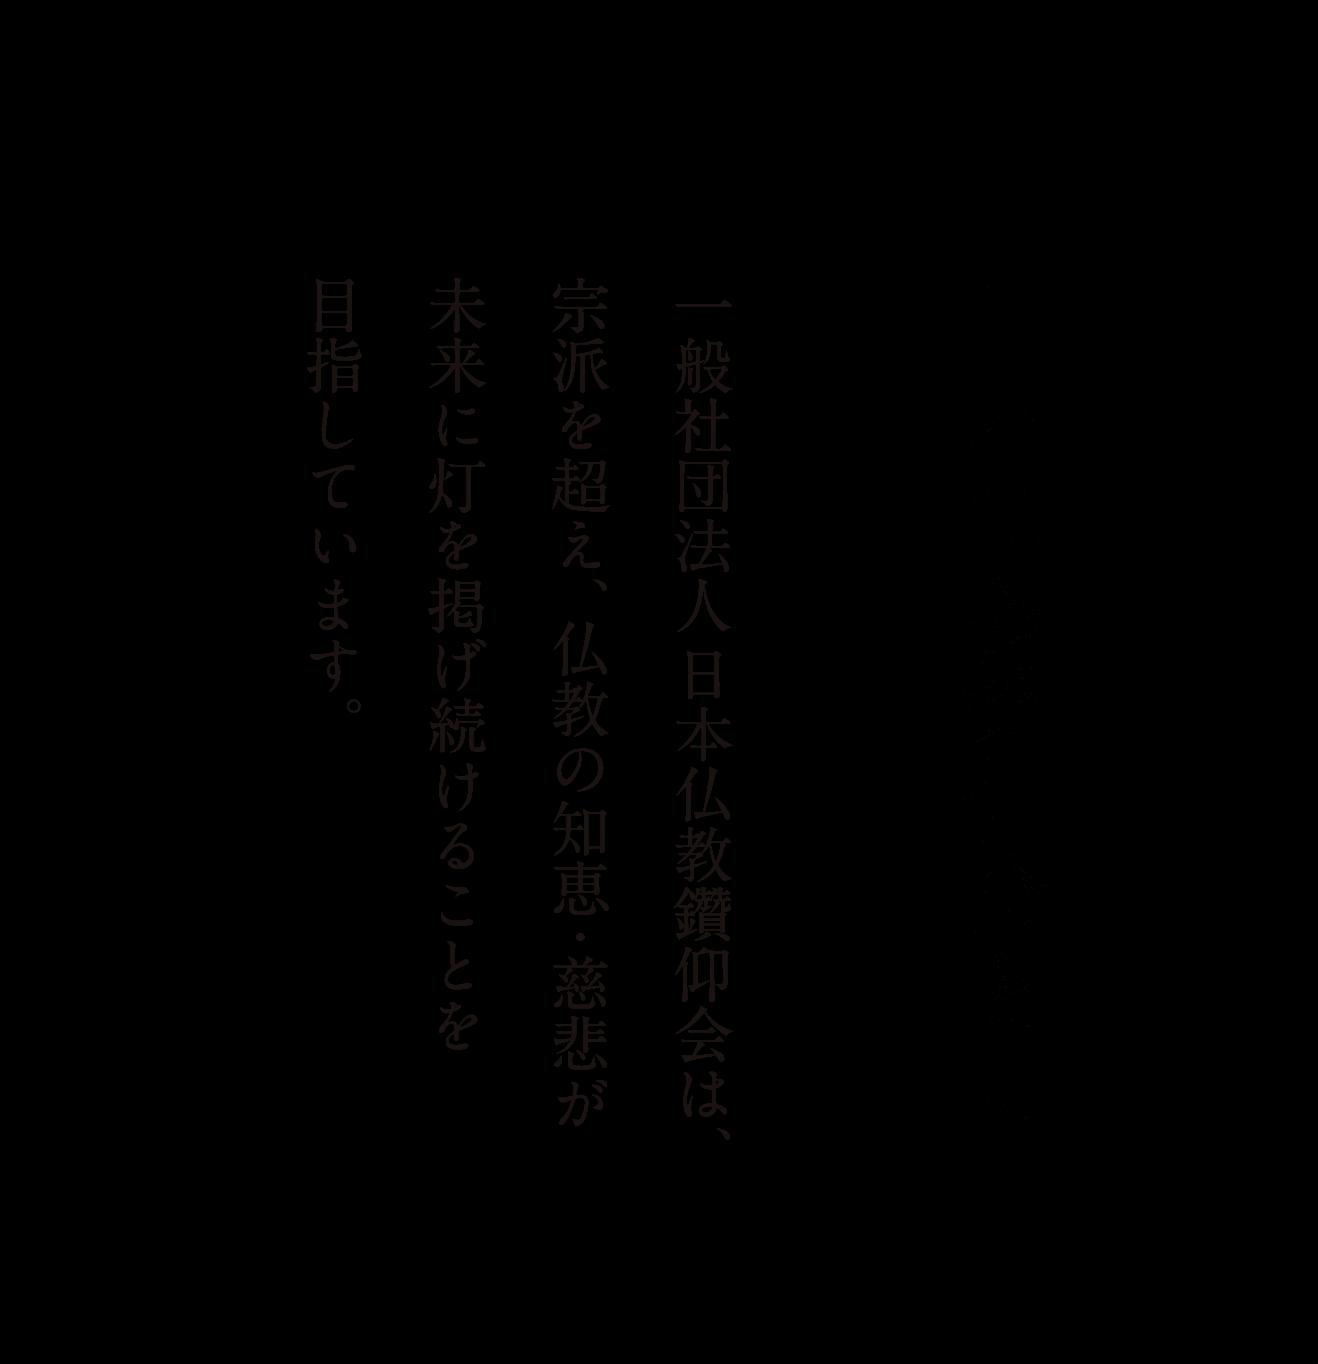 日本仏教鑽仰会(にほんぶっきょうさんごうかい)